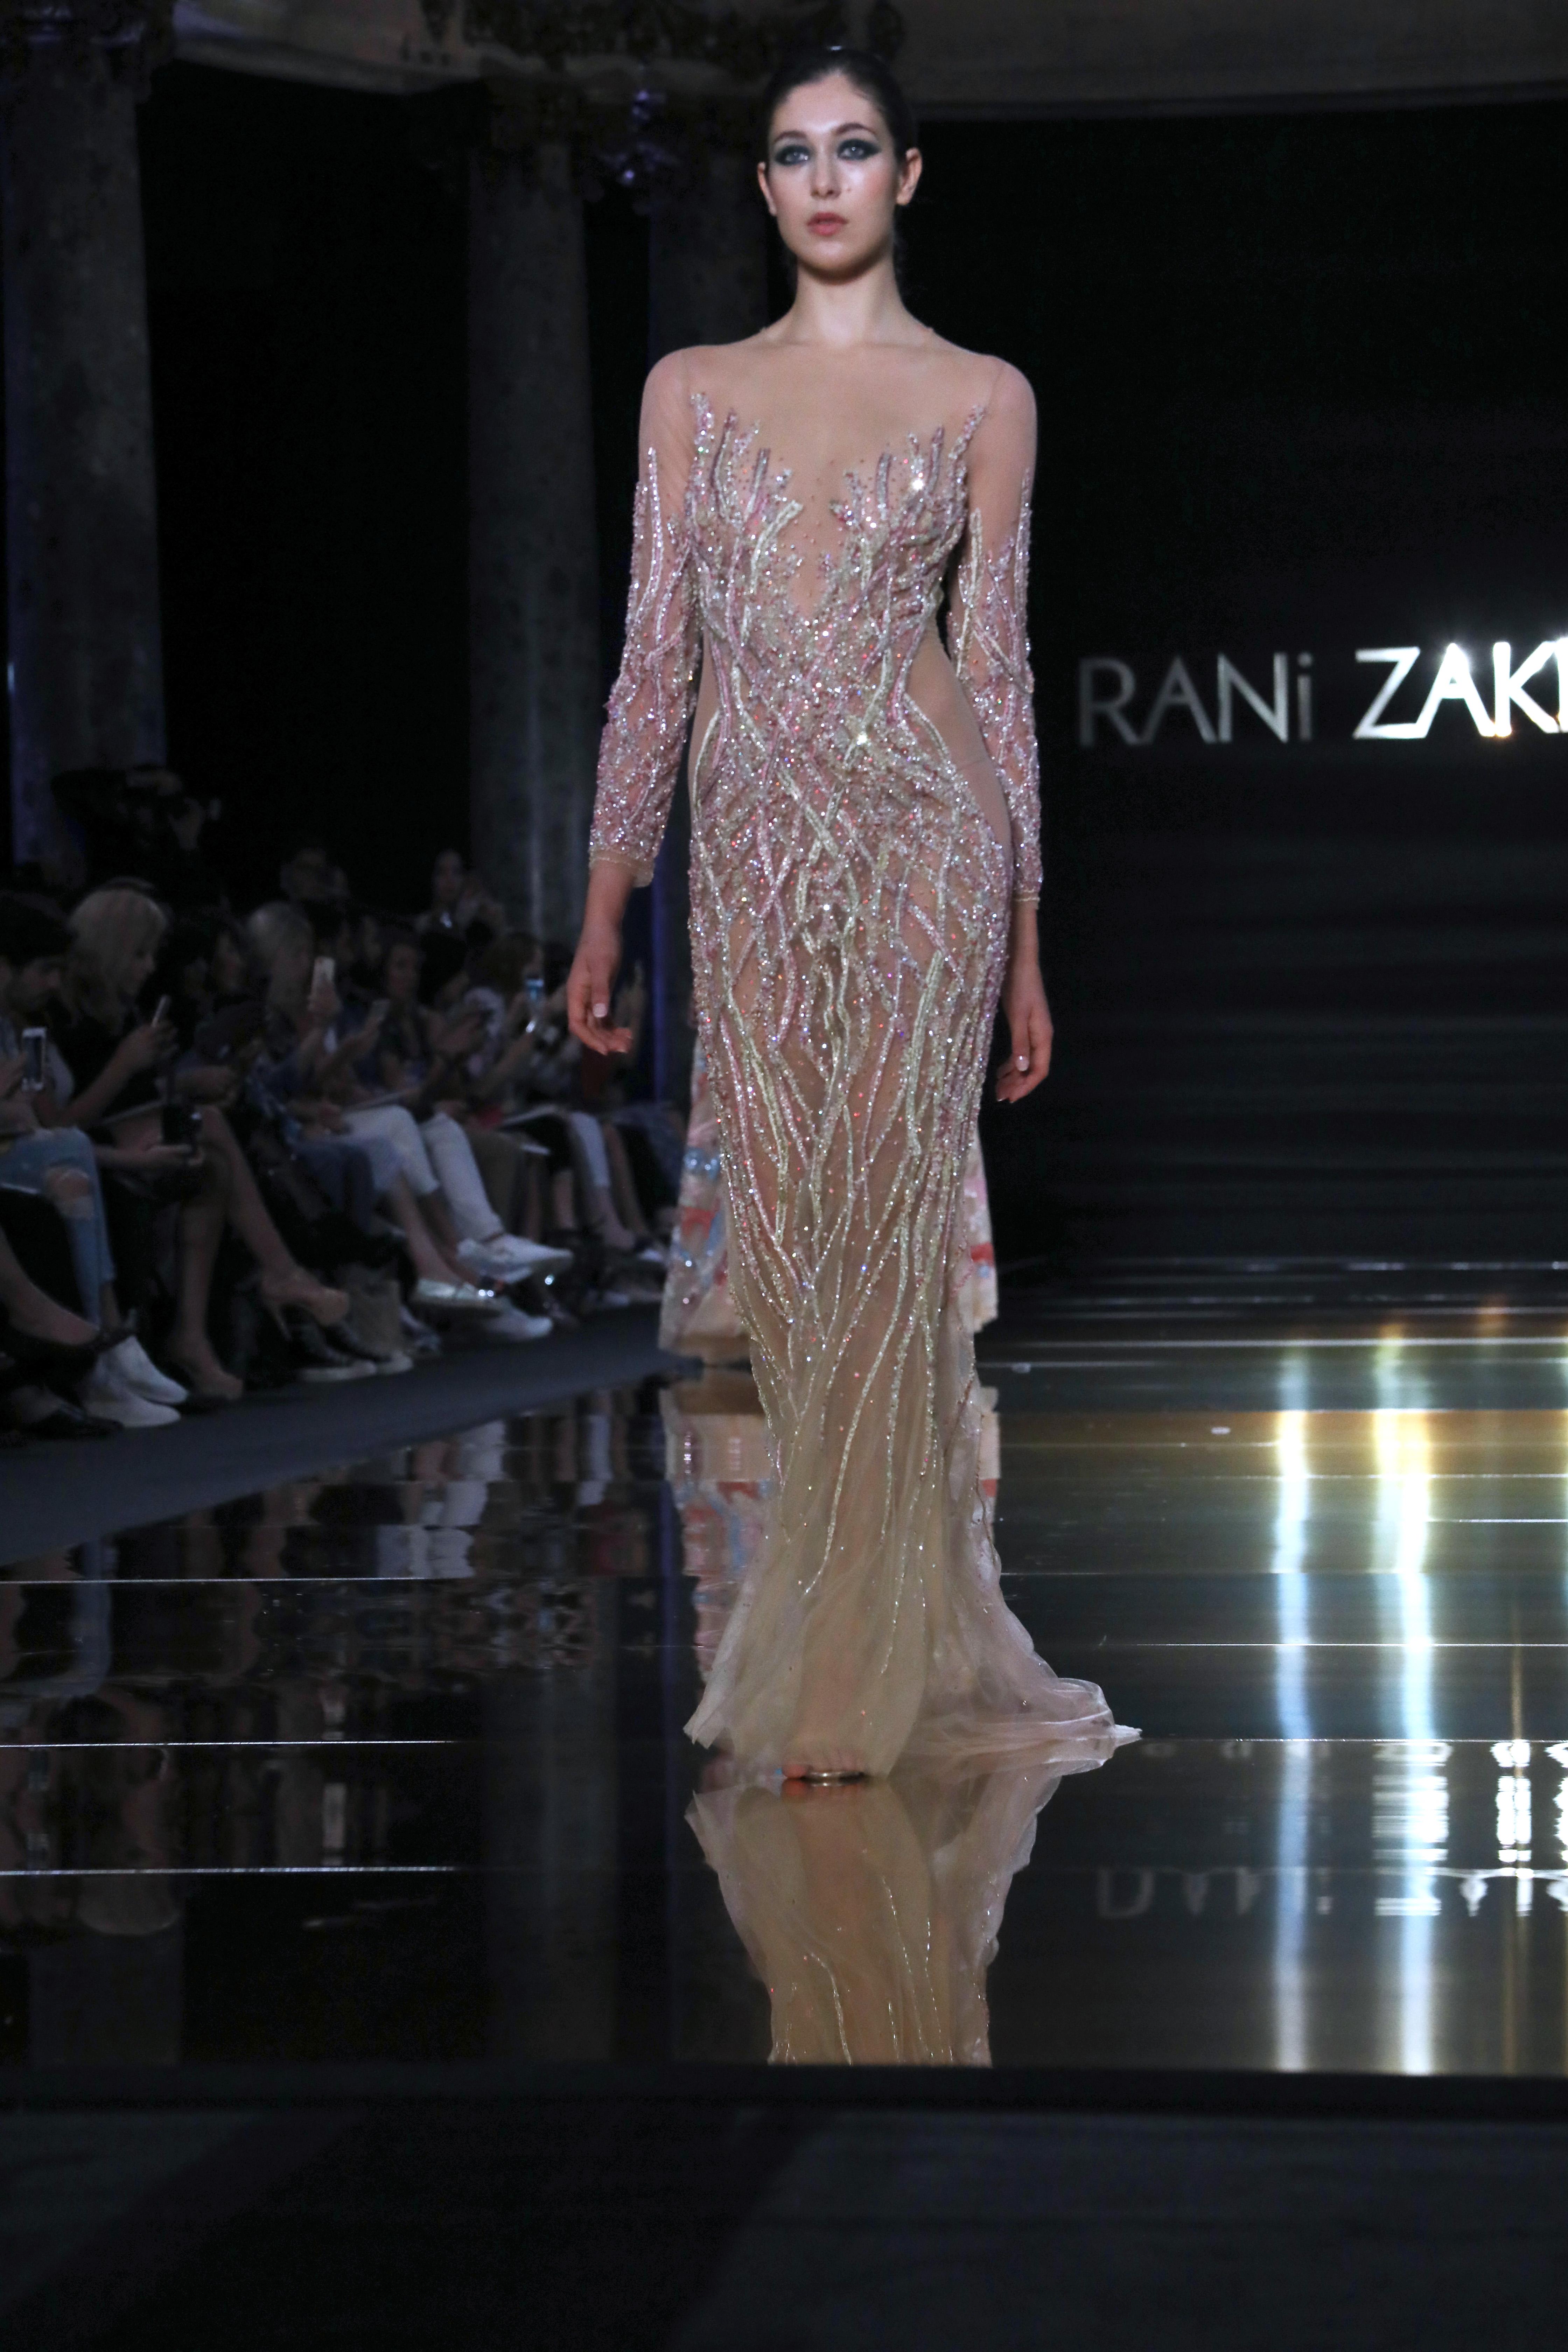 Rani Zakhem112